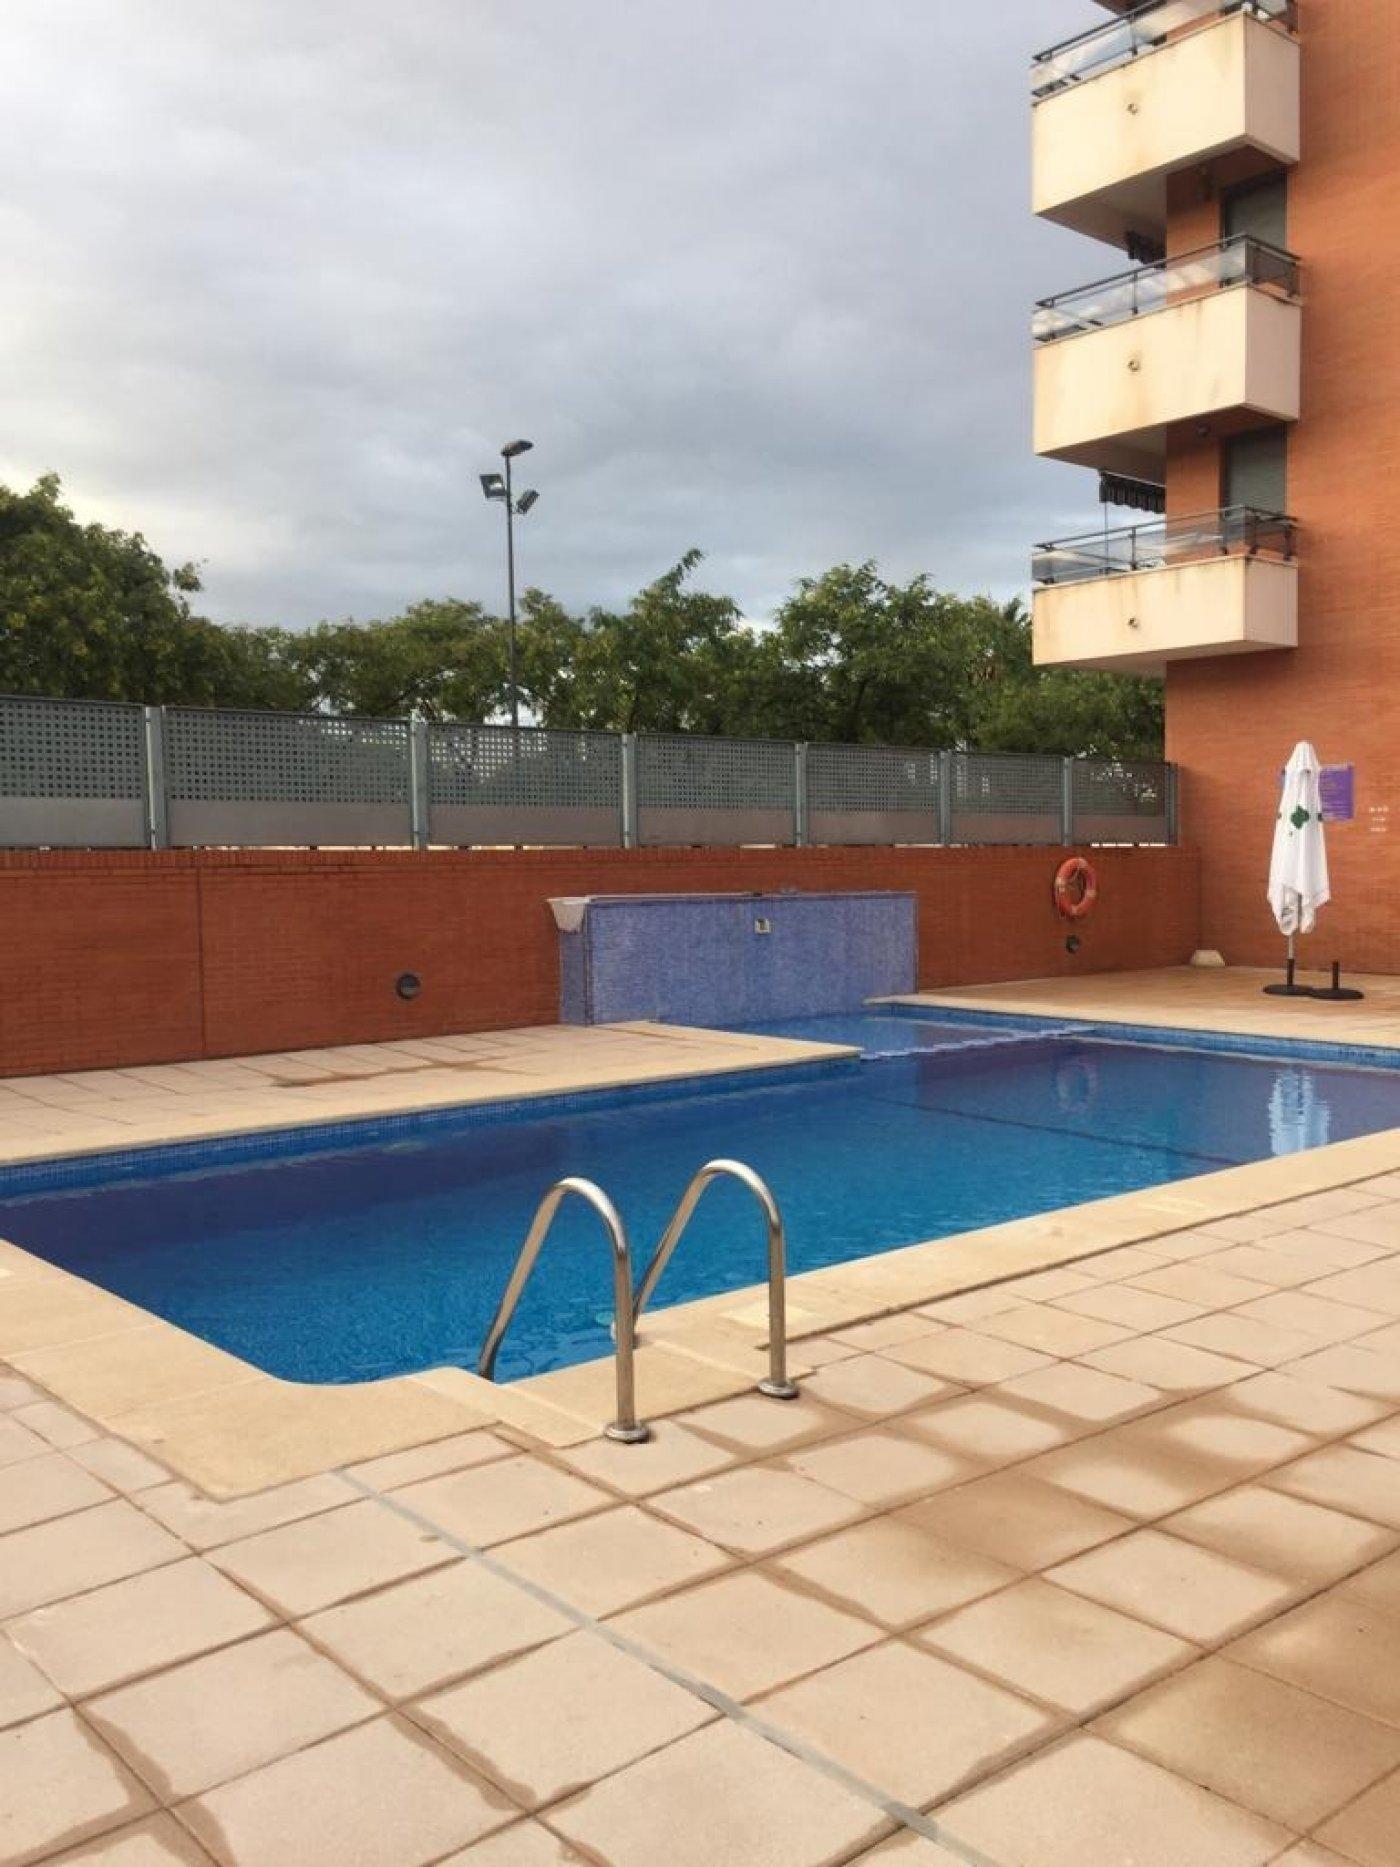 Pis  Massamagrell ,avd/ masamagrell. Atico con piscina y garage. seminuevo. buena zona